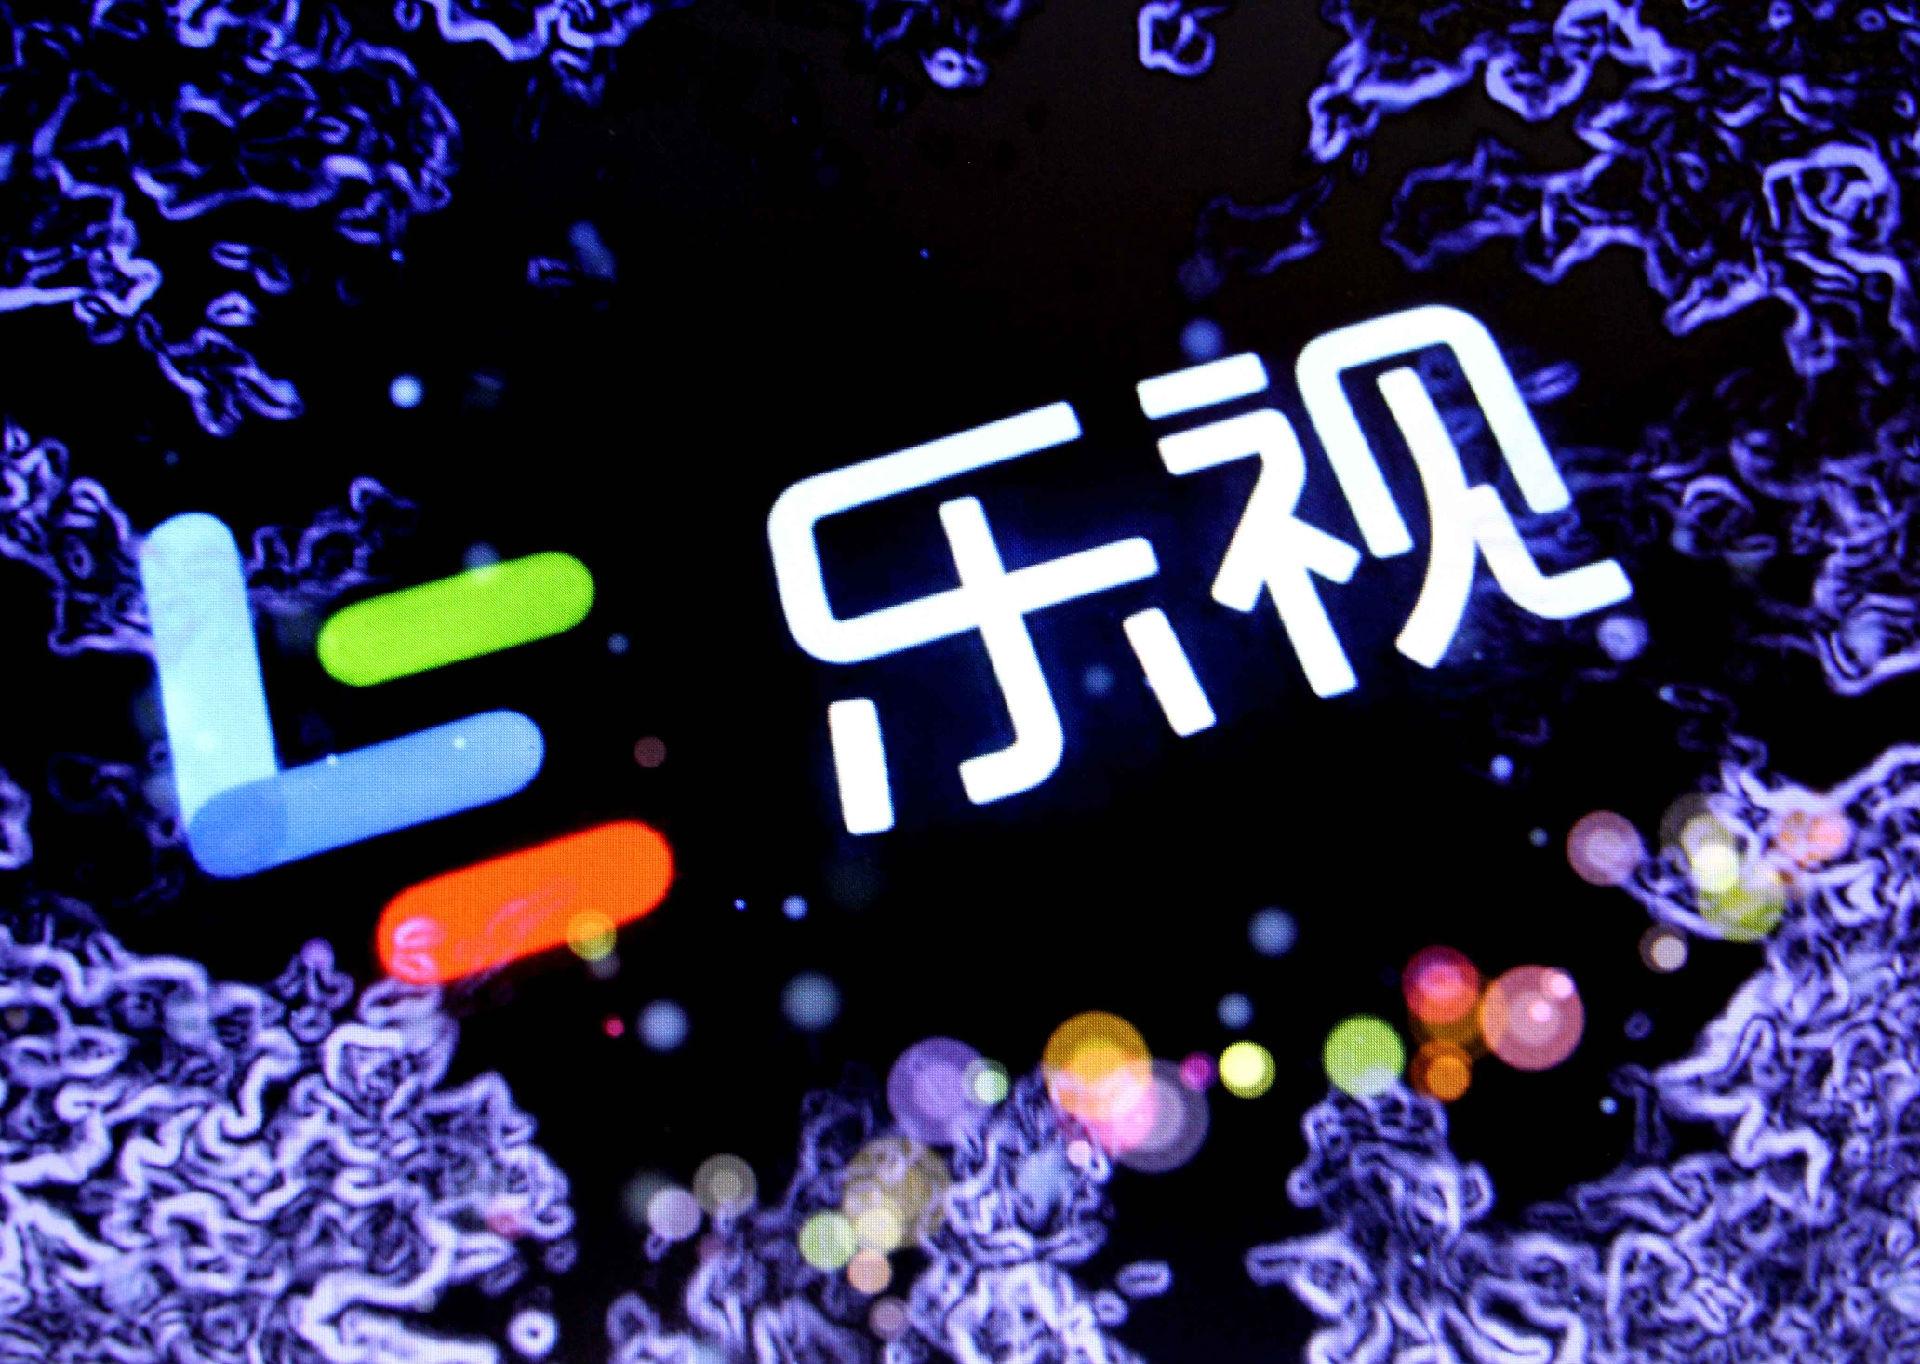 乐视网上半年净亏损100.5亿元,同比下降810%